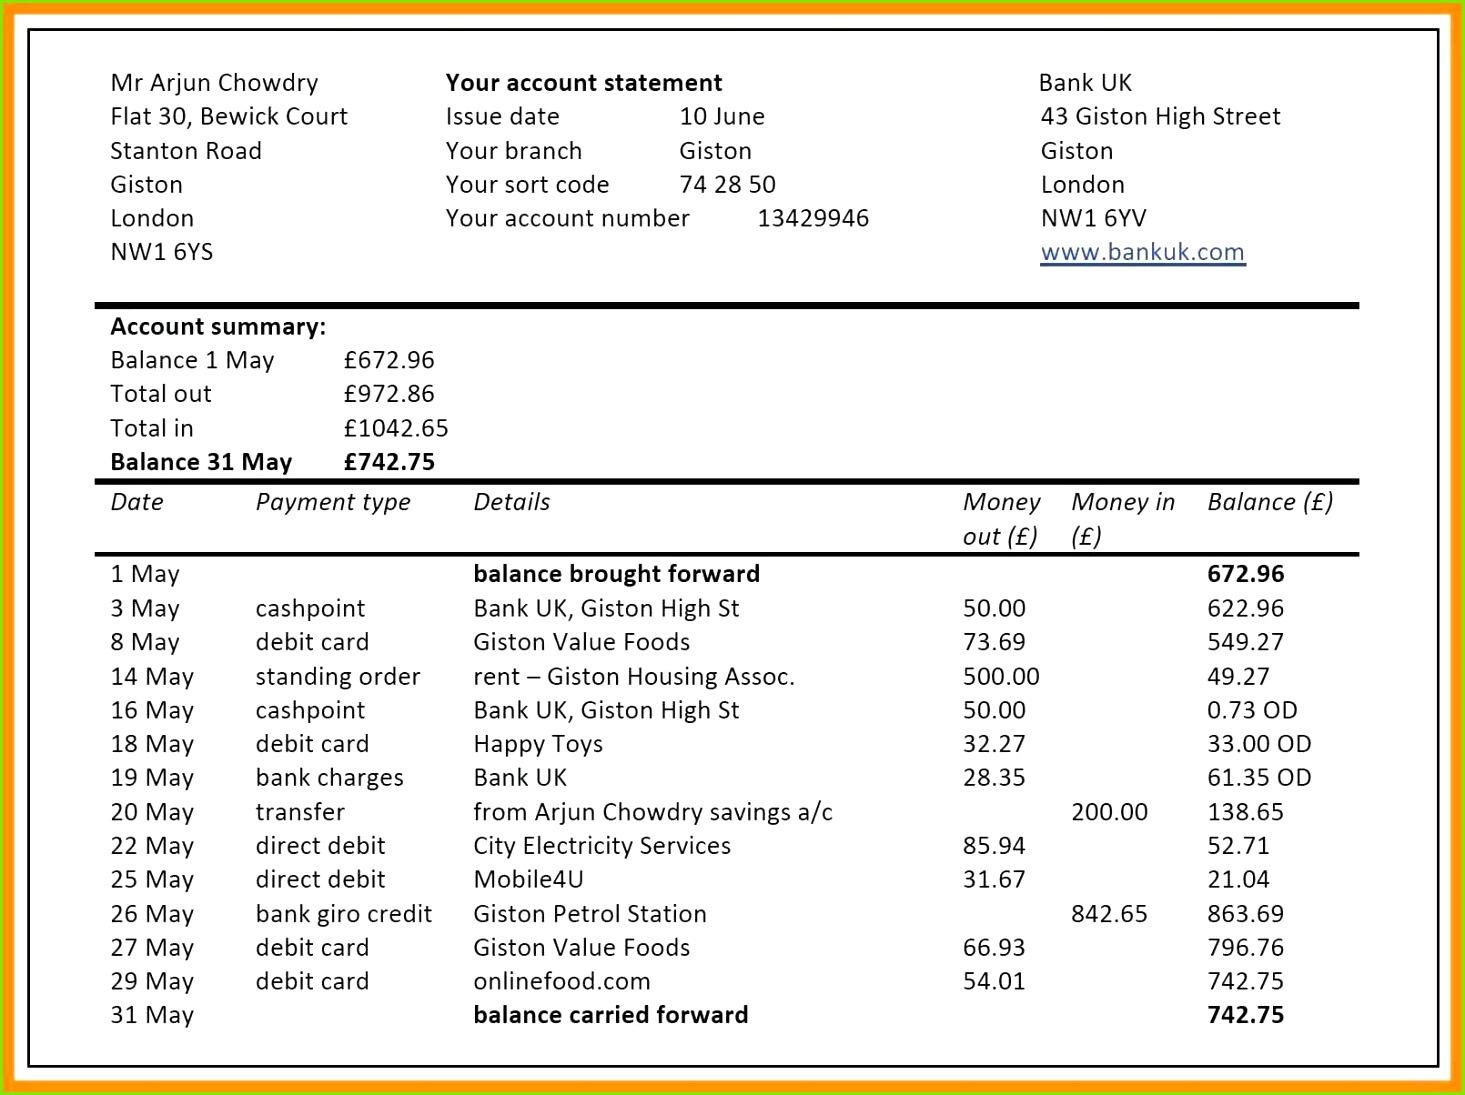 Rechnung Muster Kostenlos Neu Widerspruch Rechnung Muster Image – Selten Rechnung Kleingewerbe Muster 30 Frisch